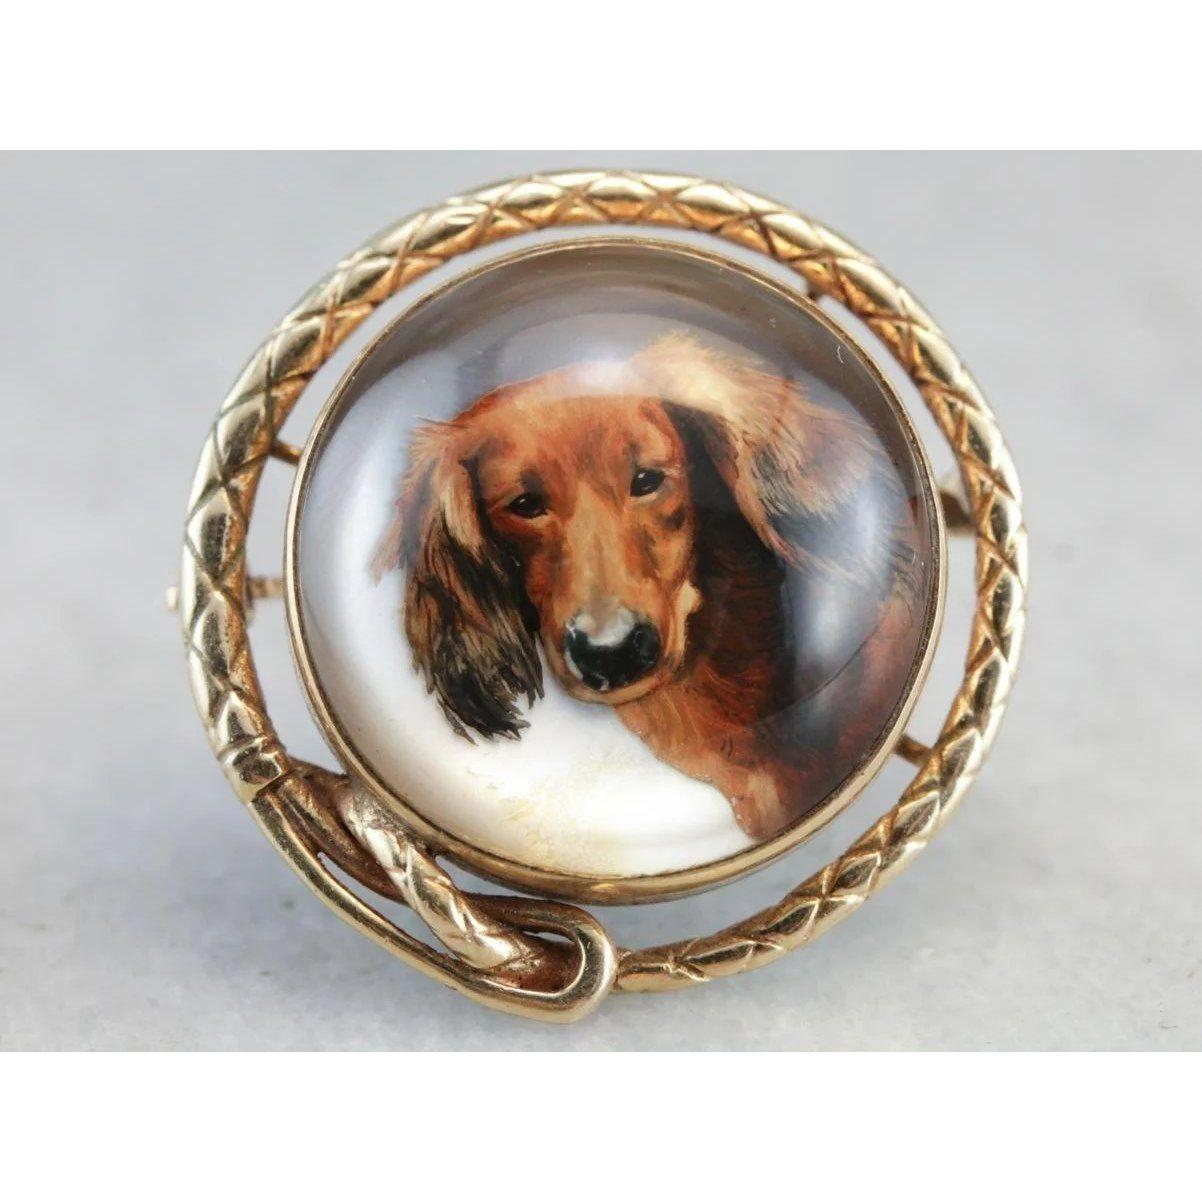 Antique Dog Essex Crystal Pin Hunde Bilder